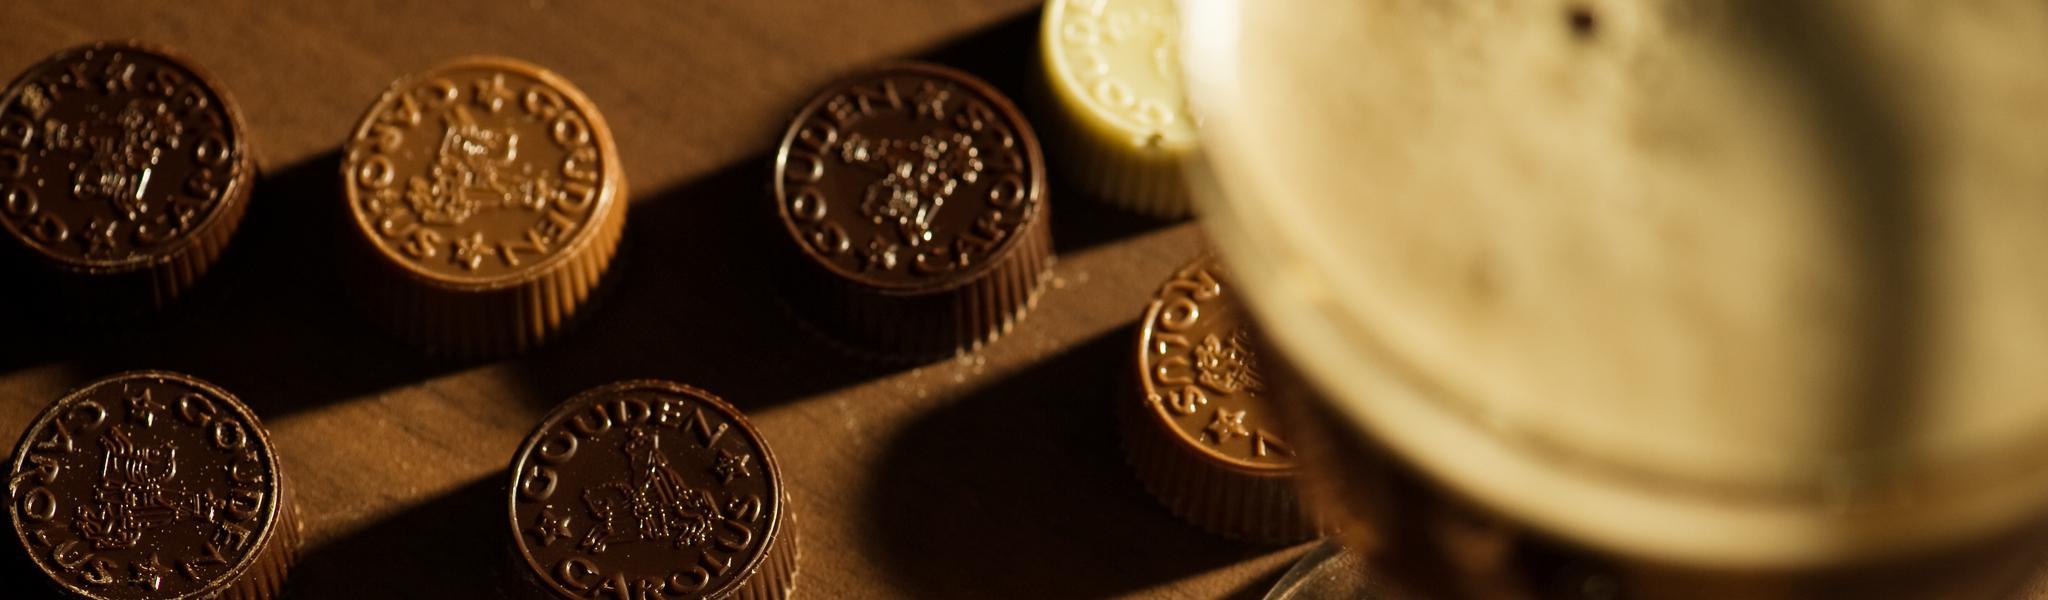 Gouden Carolus bieren met Belgische chocoladepralines